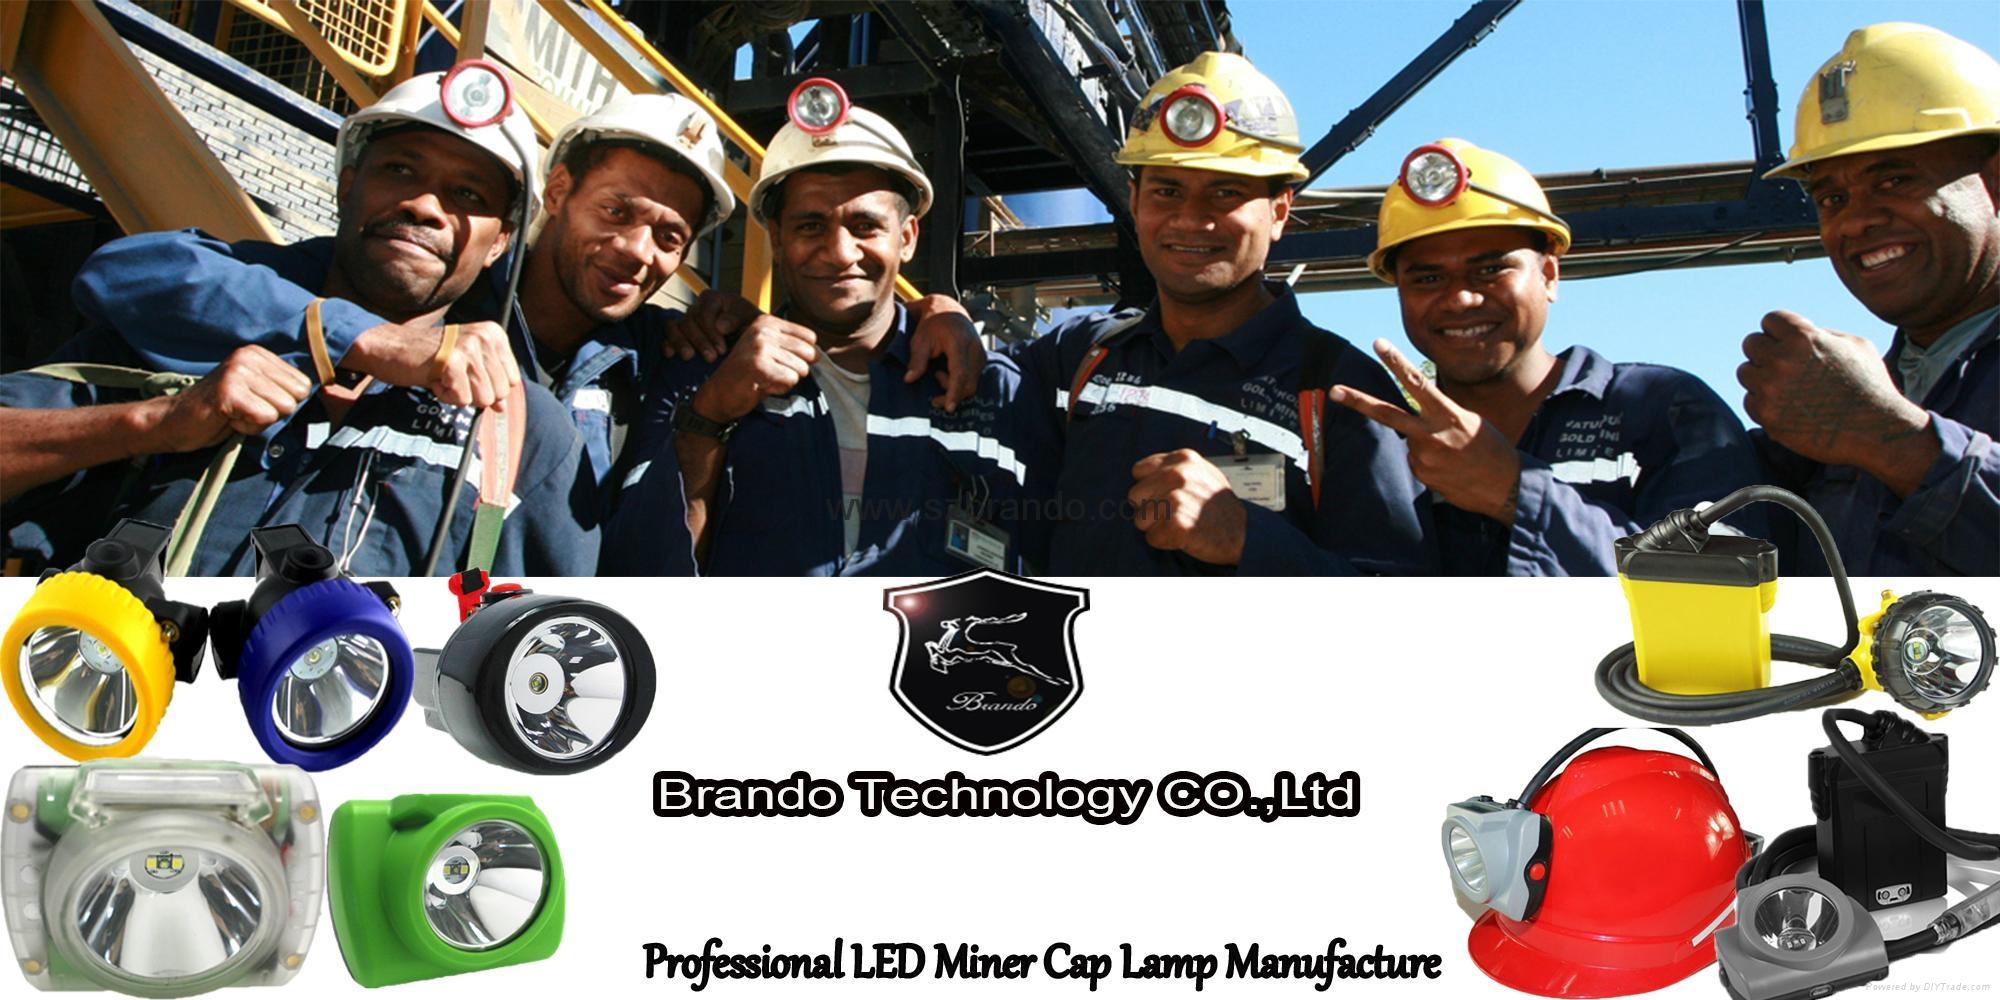 KL5LM-C 11000lux Mining Caplamp, Miner's Cap lamp 5